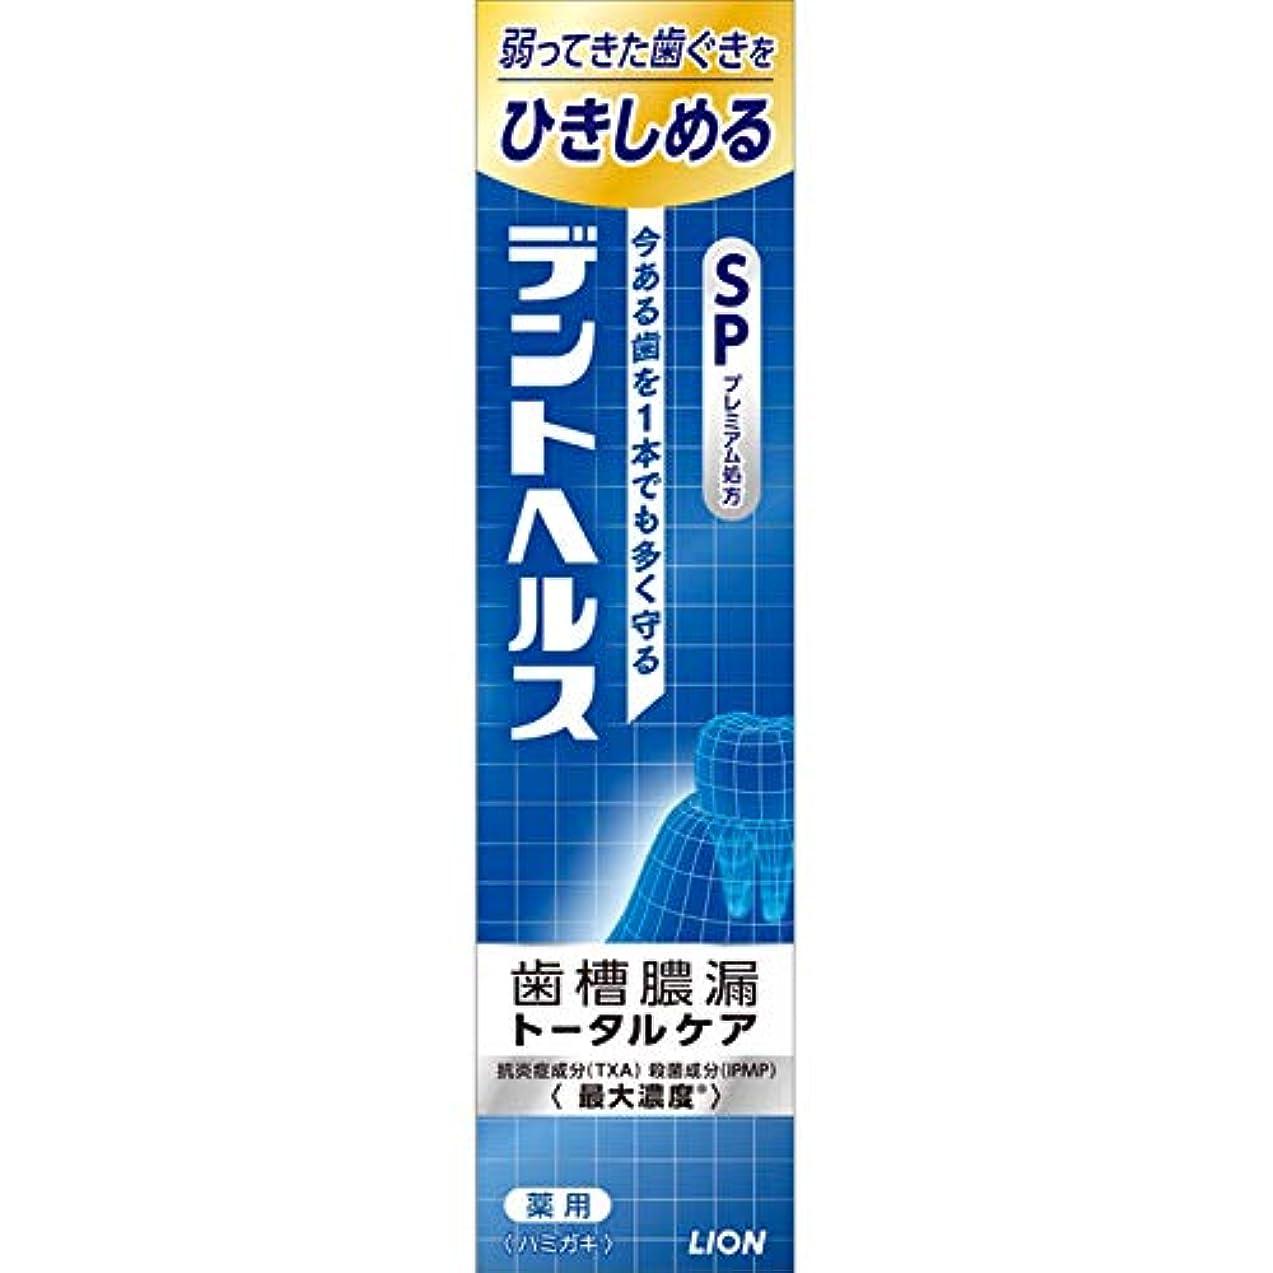 ライオン デントヘルス 薬用ハミガキ SP 120g (医薬部外品)